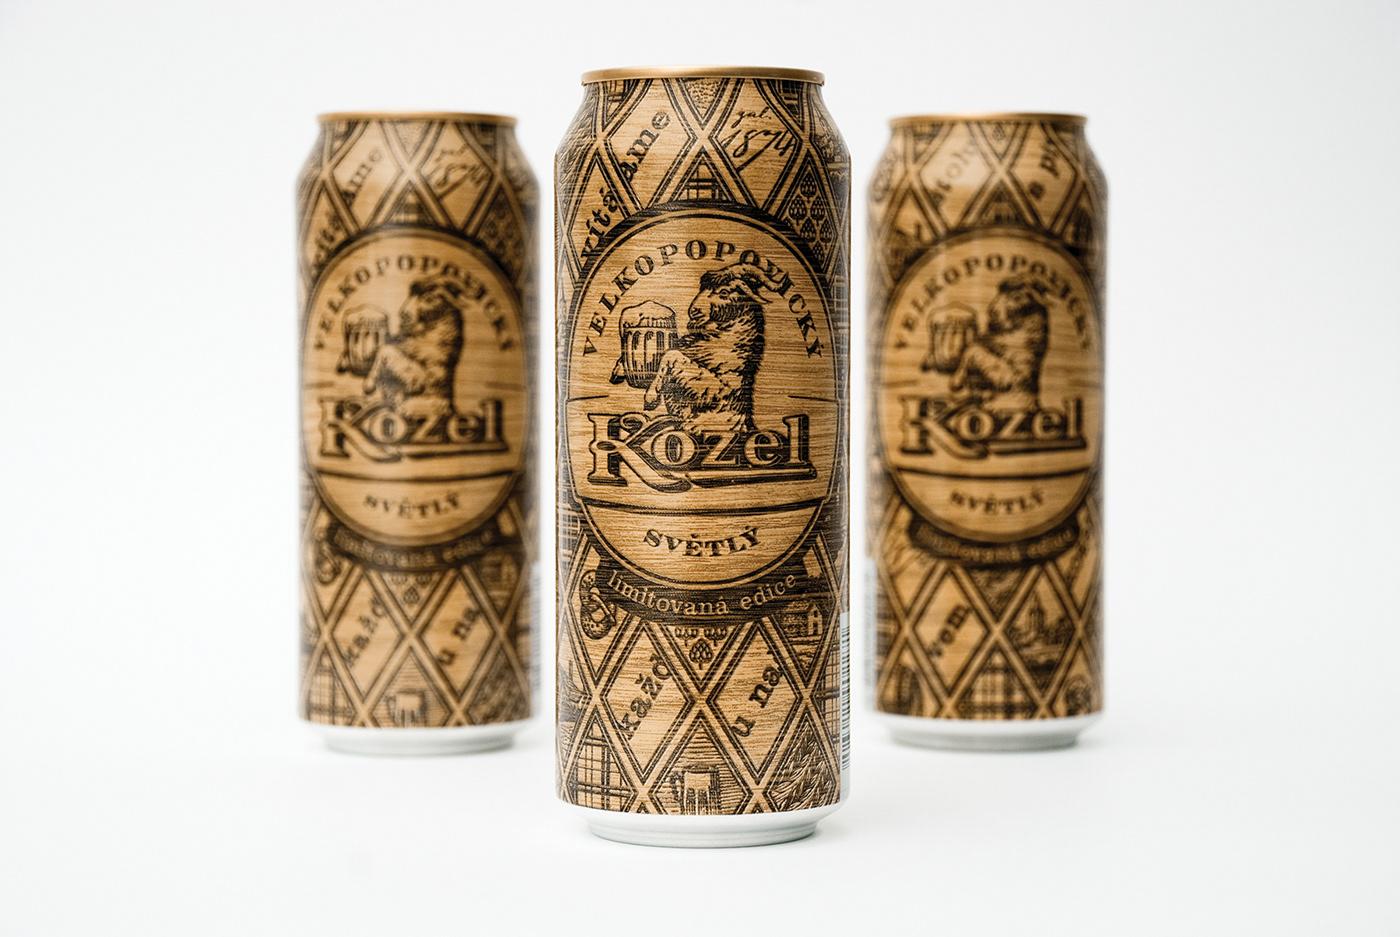 Velkopopovicky Kozel - Limited Edition